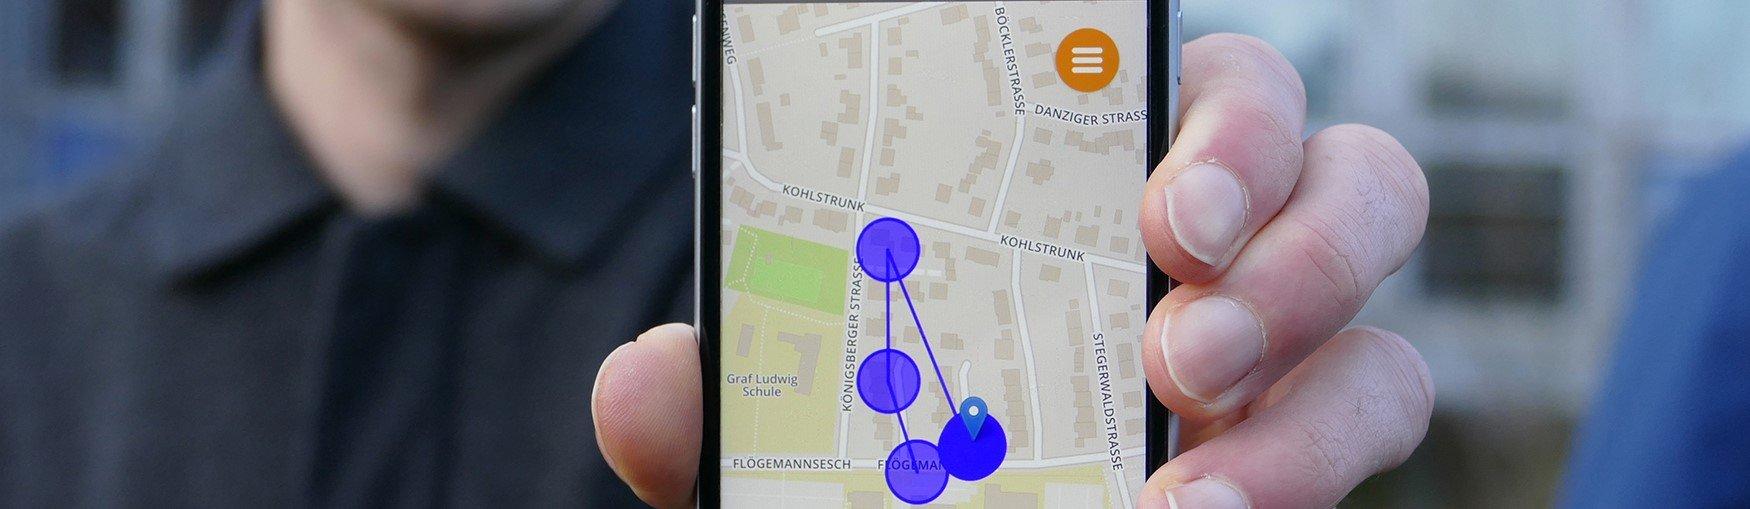 Ein GPS-Sensor überträgt zusätzlich den Standort des Fahrrads und ermöglicht dem Nutzer, die zurückgelegte Route nachzuverfolgen. (Foto: FH Münster/Jana Schiller)